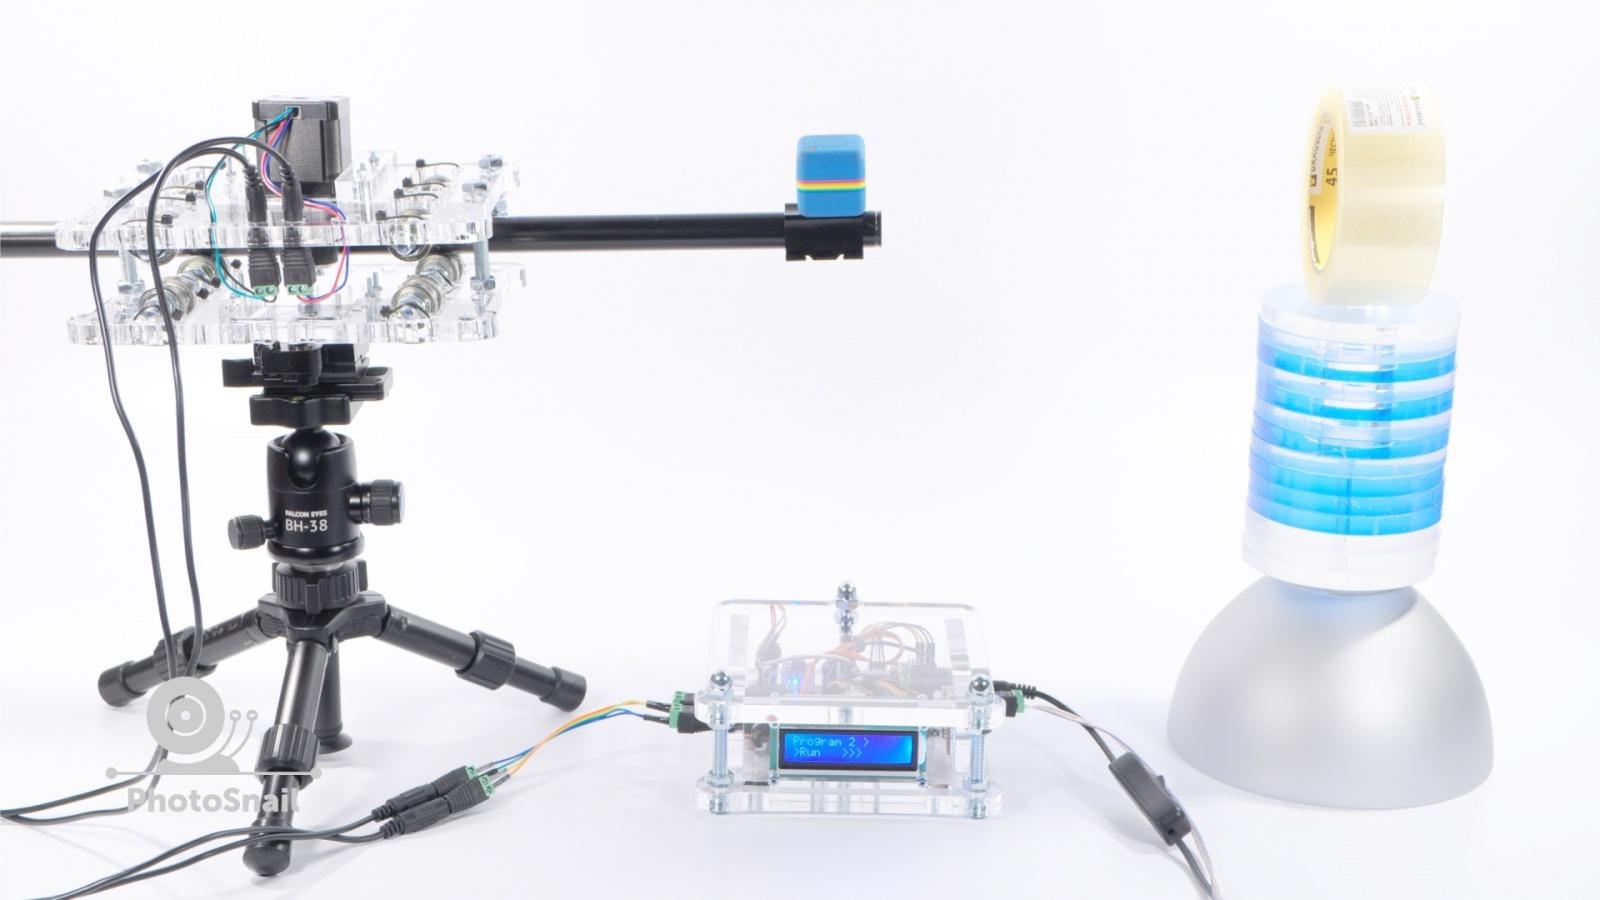 DIY моторизированный слайдер для съемки TimeLapse и видео - 5